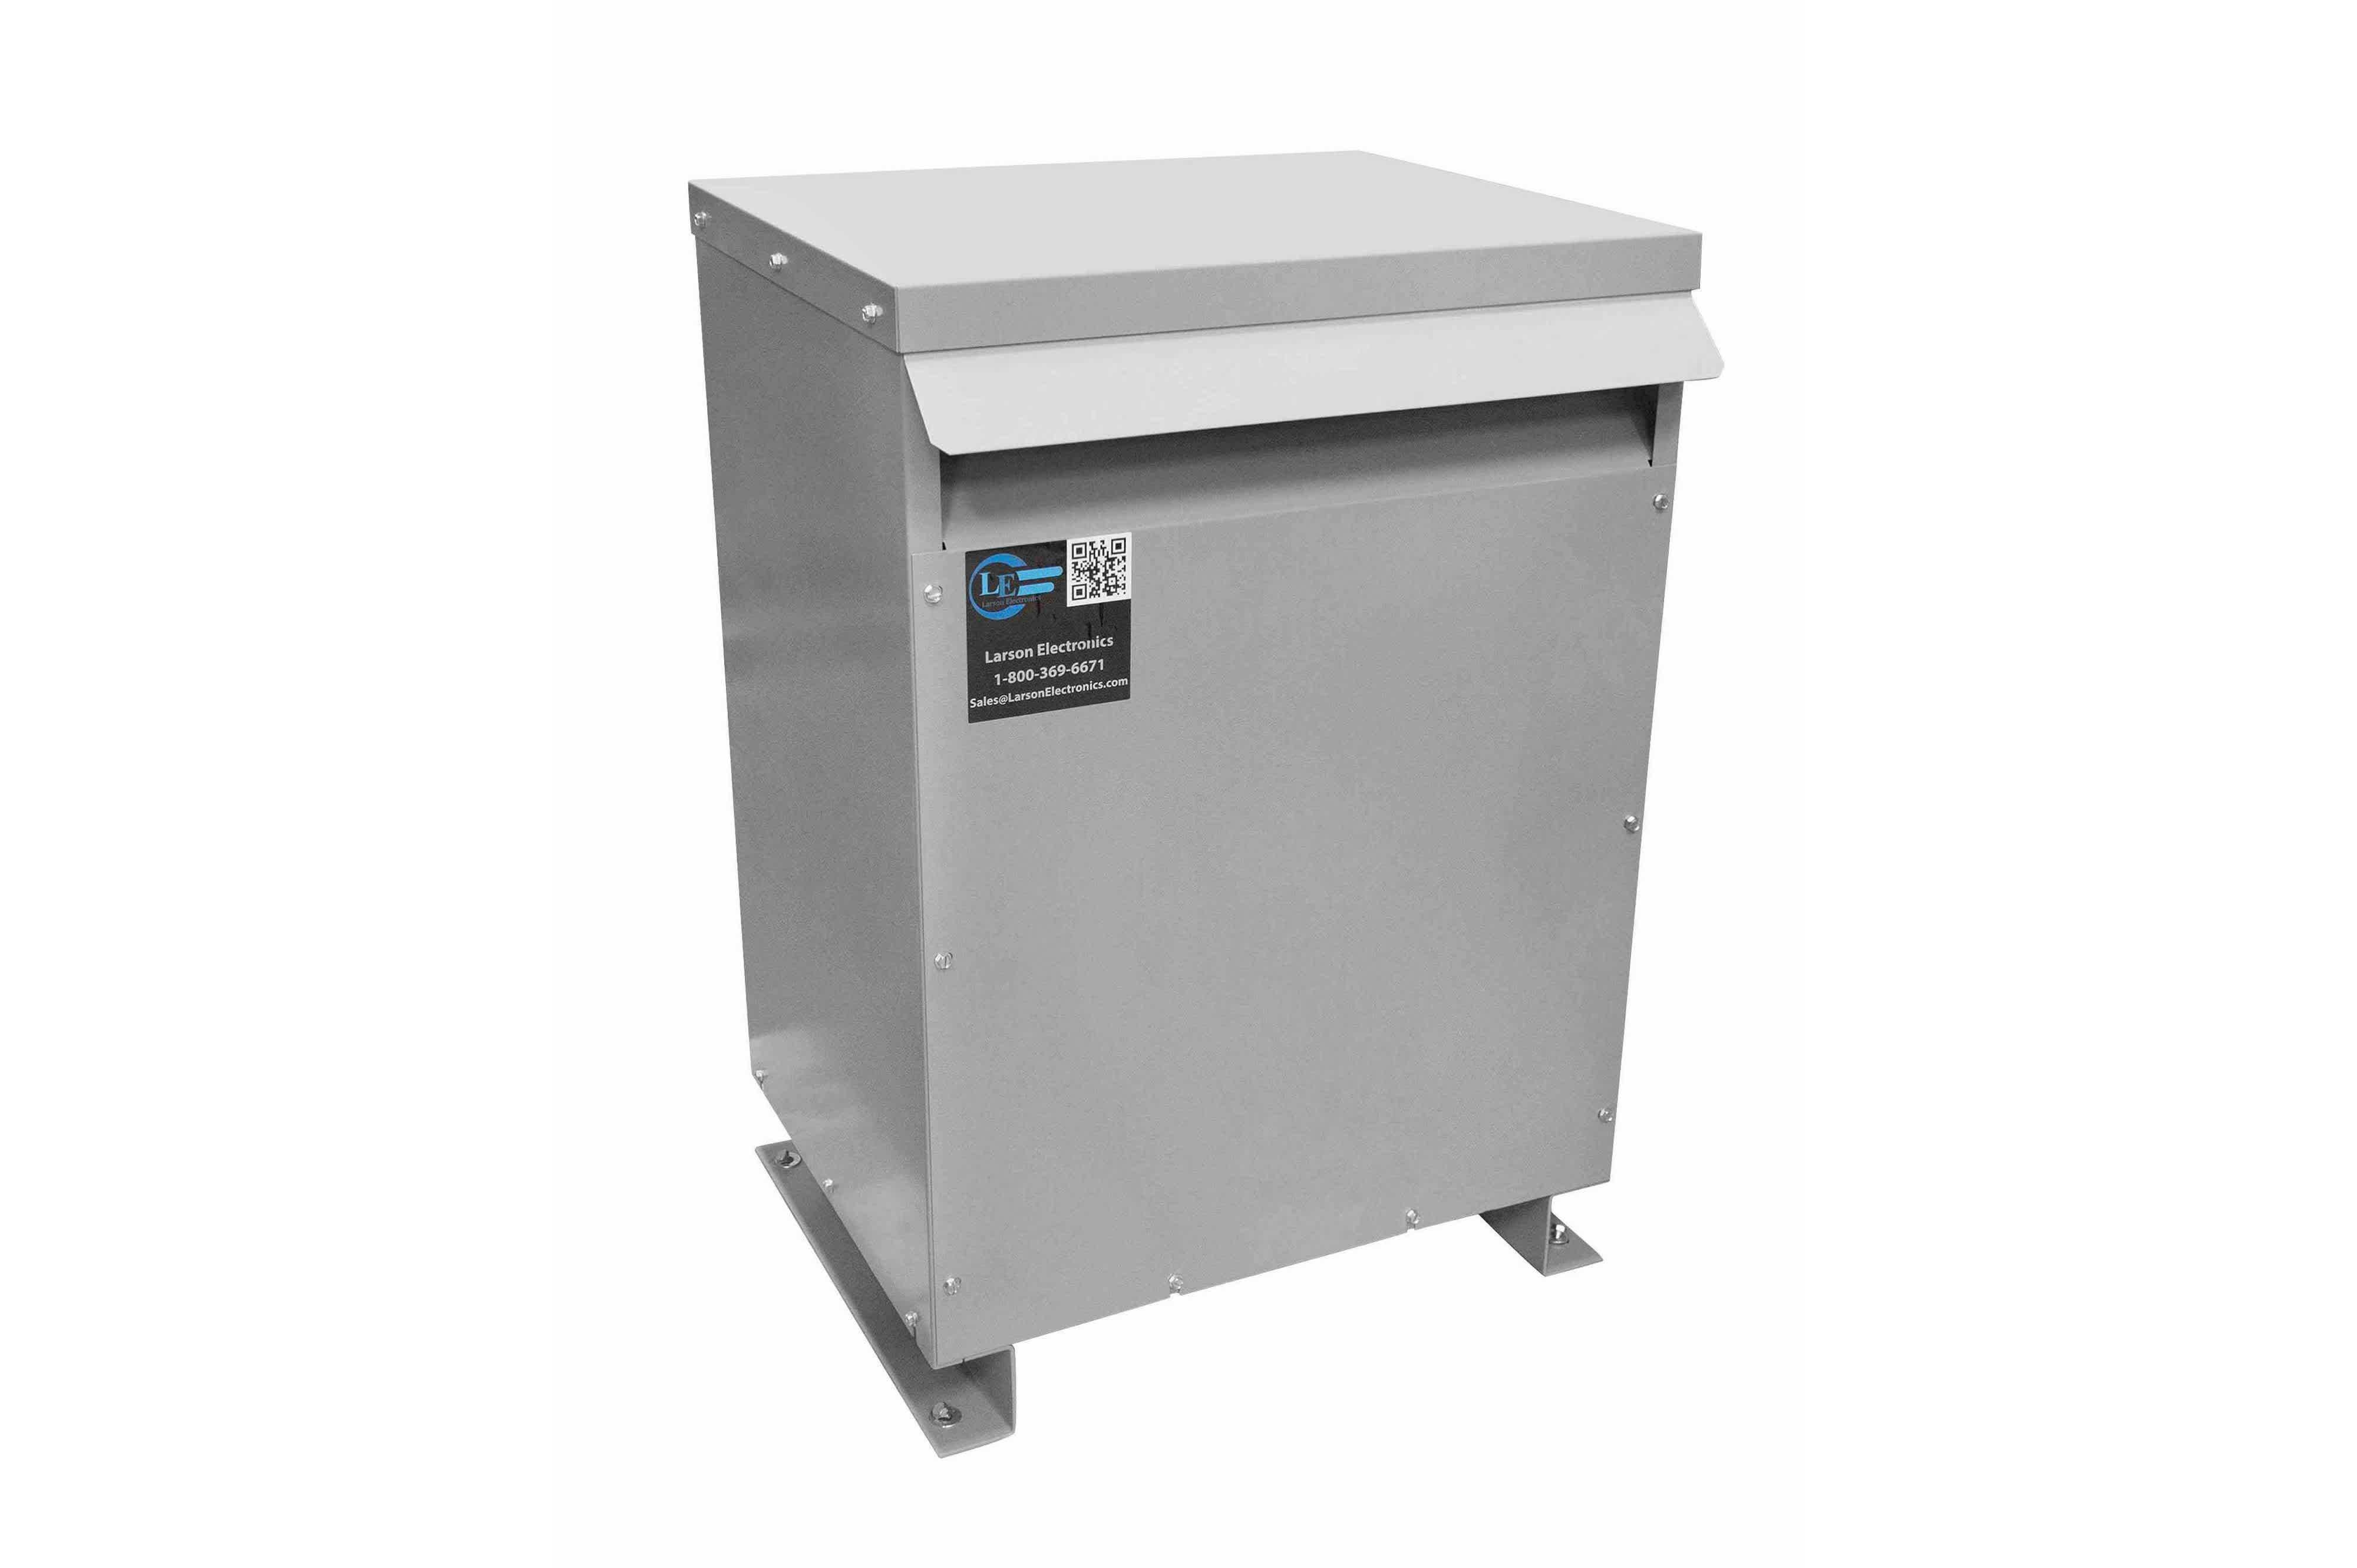 600 kVA 3PH Isolation Transformer, 480V Delta Primary, 400V Delta Secondary, N3R, Ventilated, 60 Hz